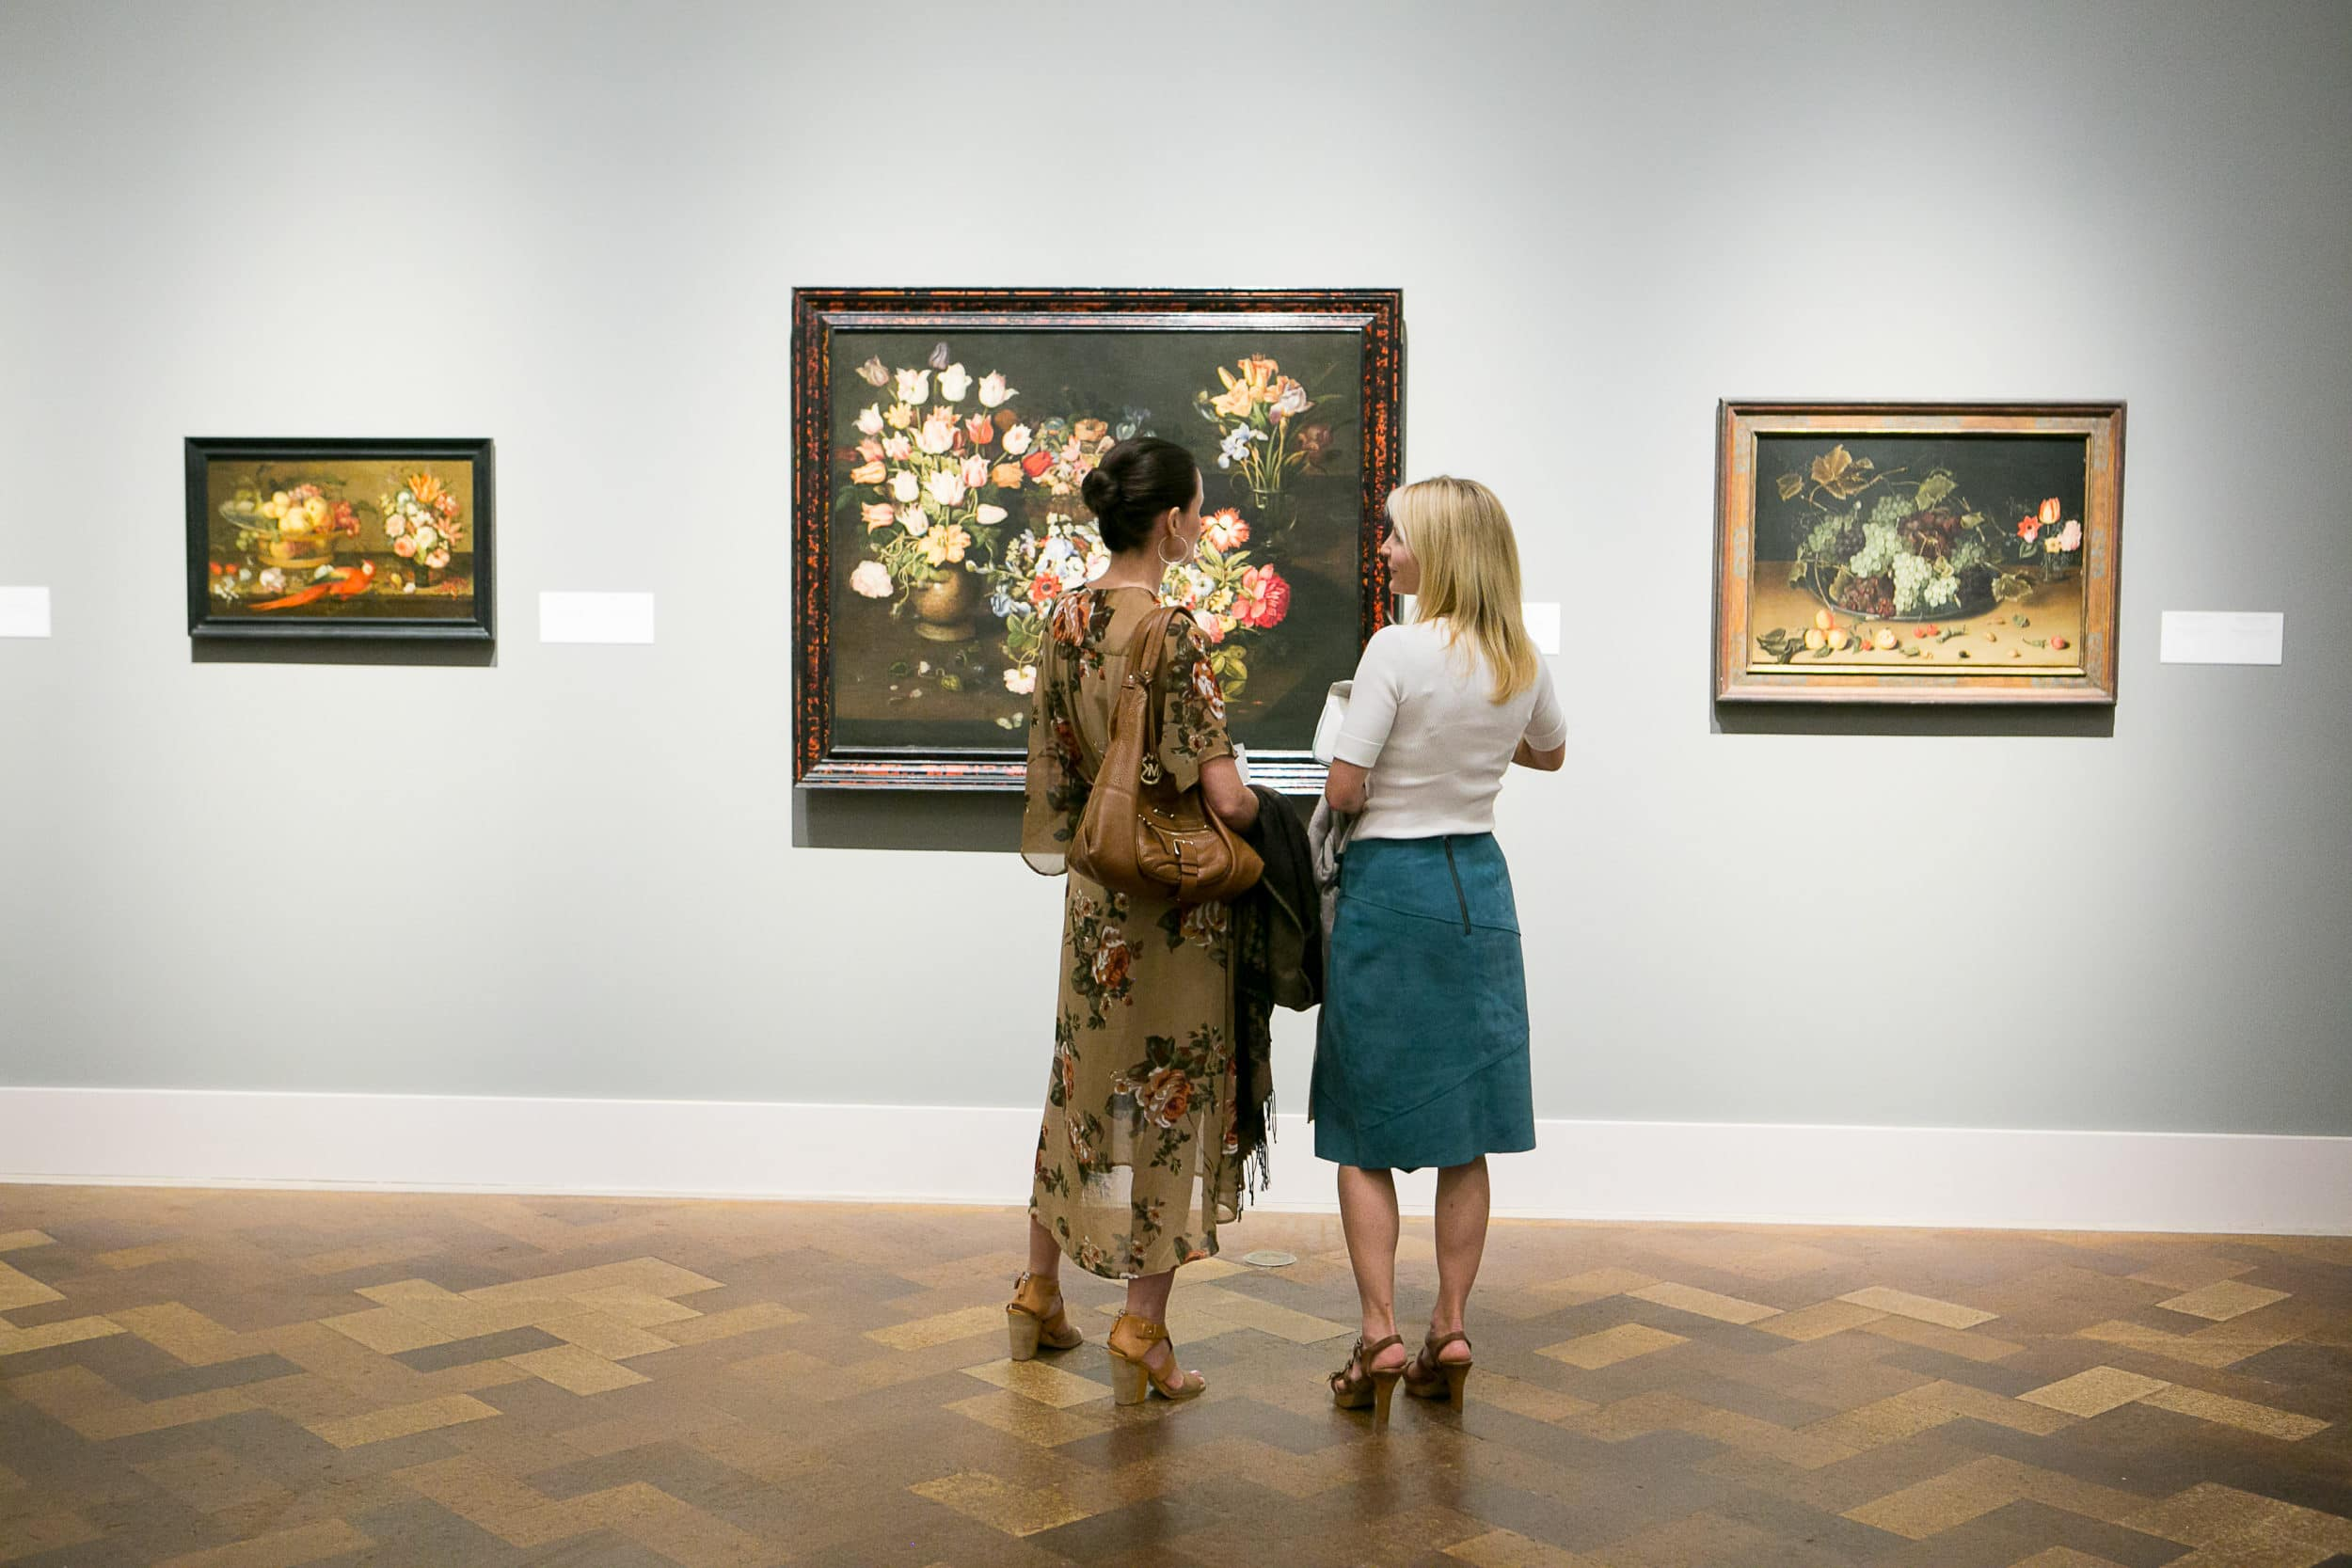 Deux femmes admirent l'art à l'intérieur du musée d'art de San Diego.